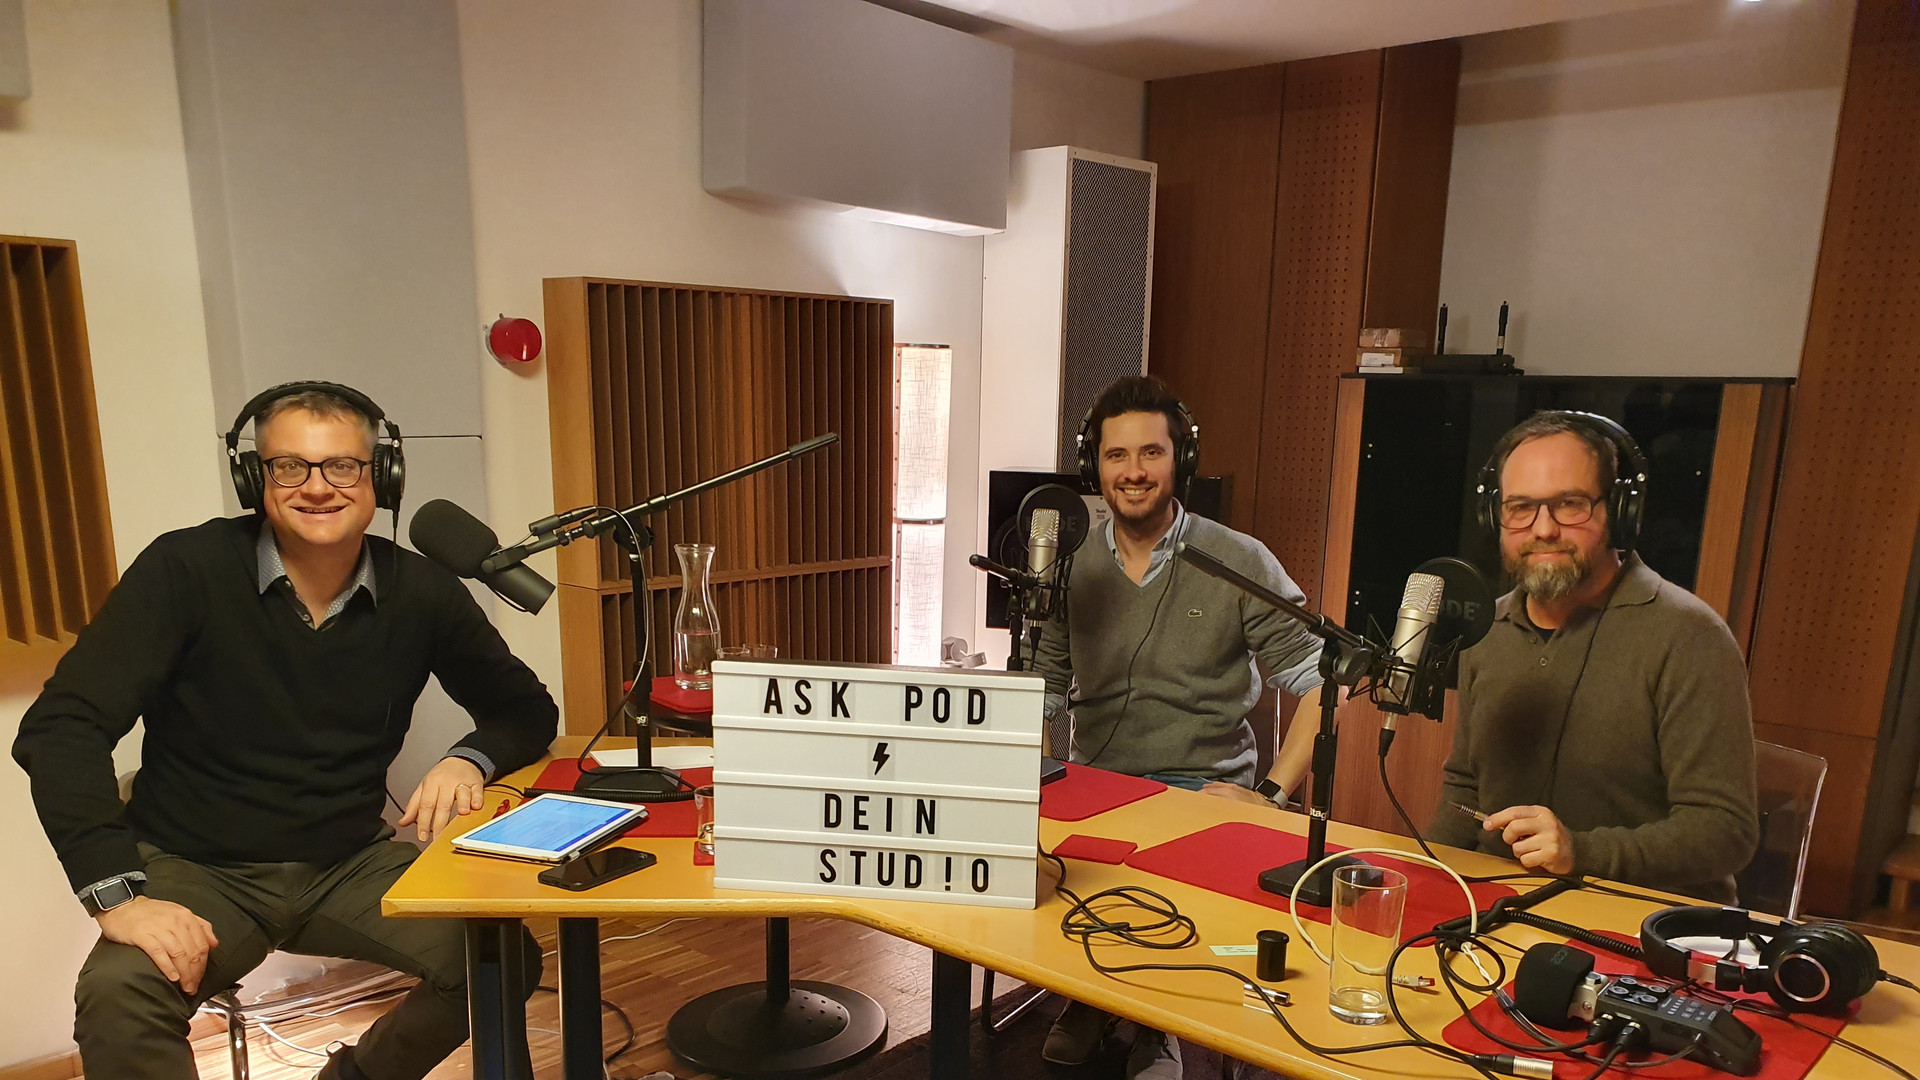 Podcast mit David Heberling und Matthias Sziedat